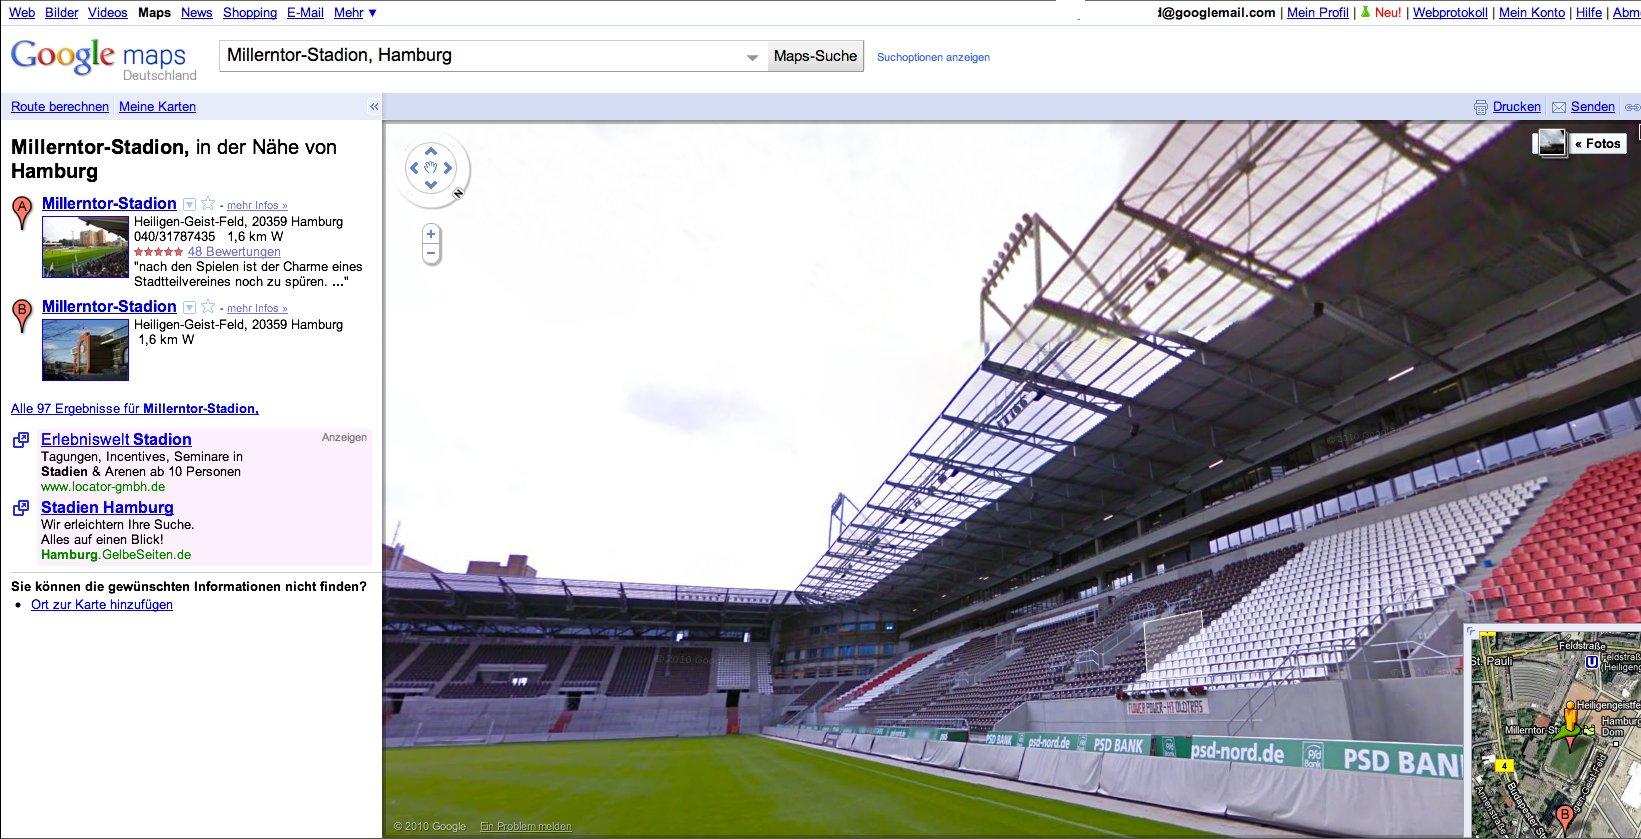 Straßenfotos: Google Street View in Deutschland gestartet - Google Street View: Millerntor-Stadion in Hamburg